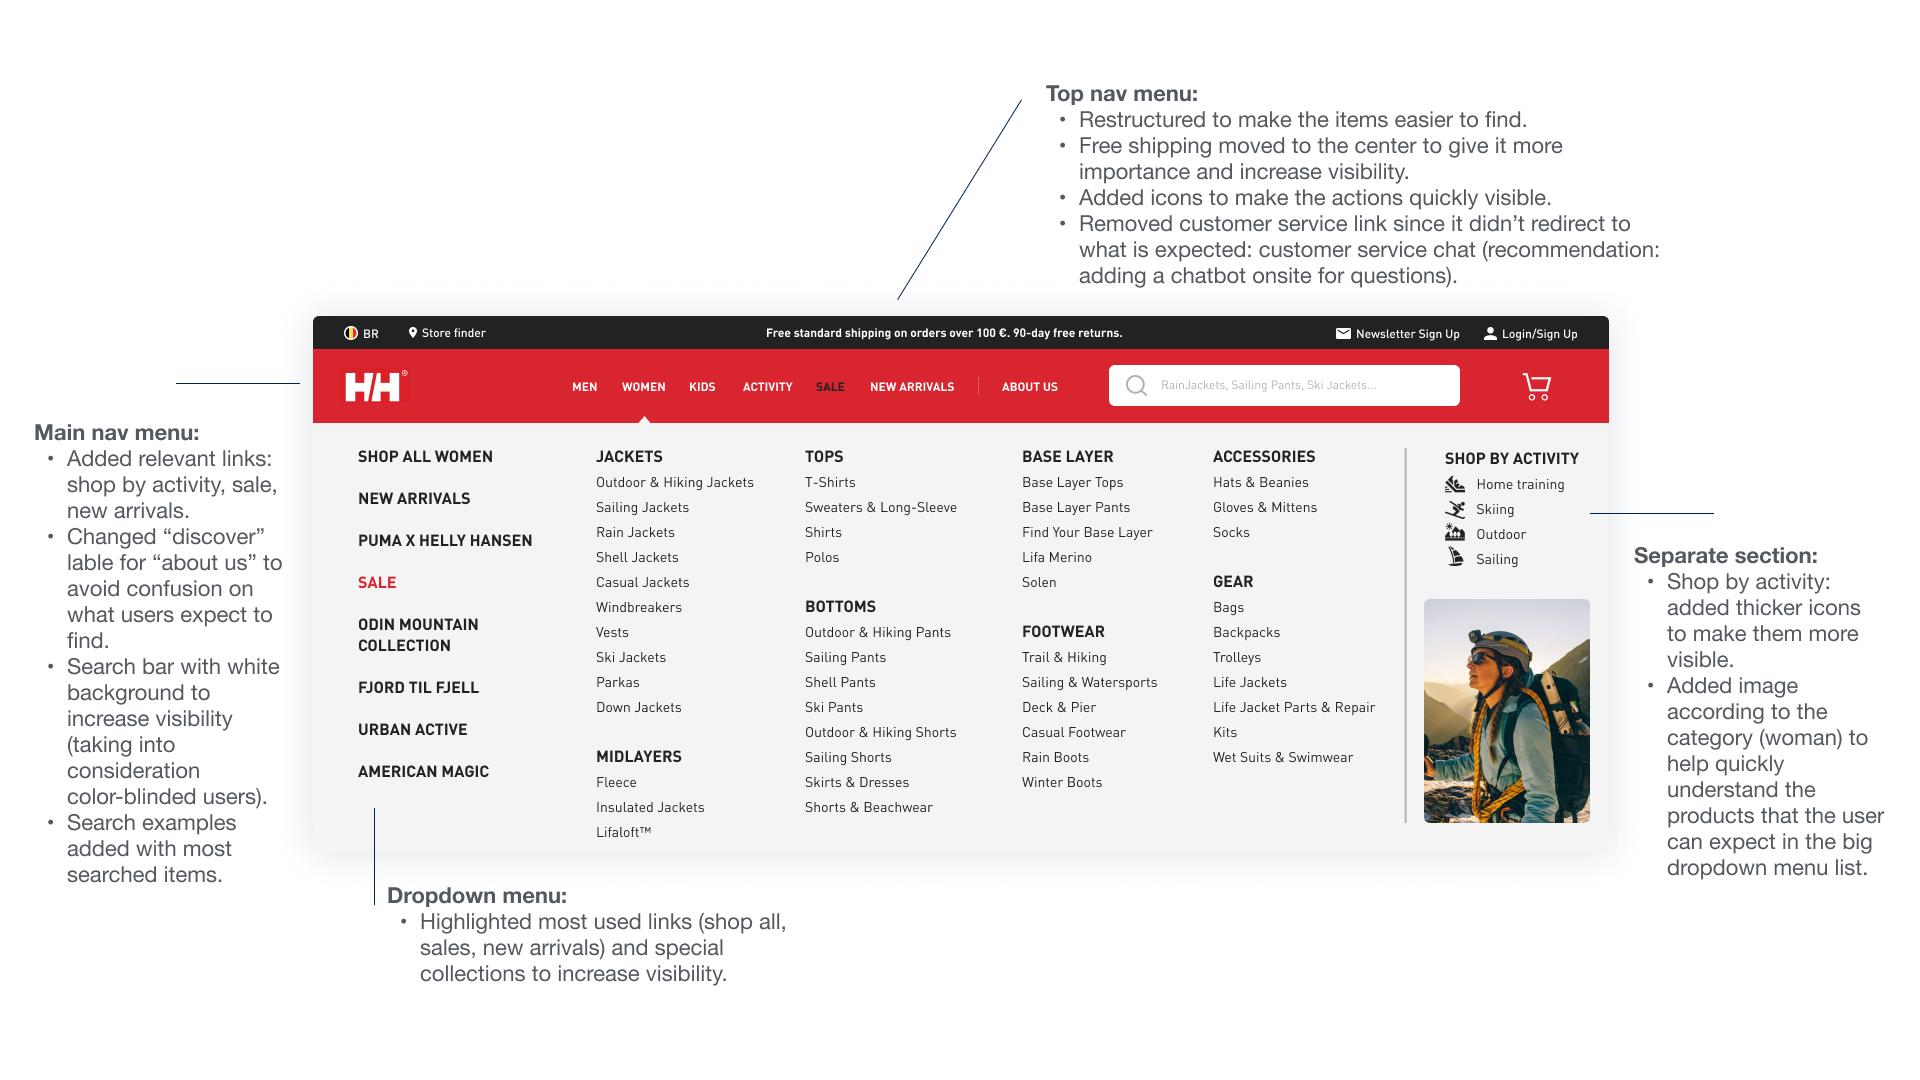 Mega menu redesign